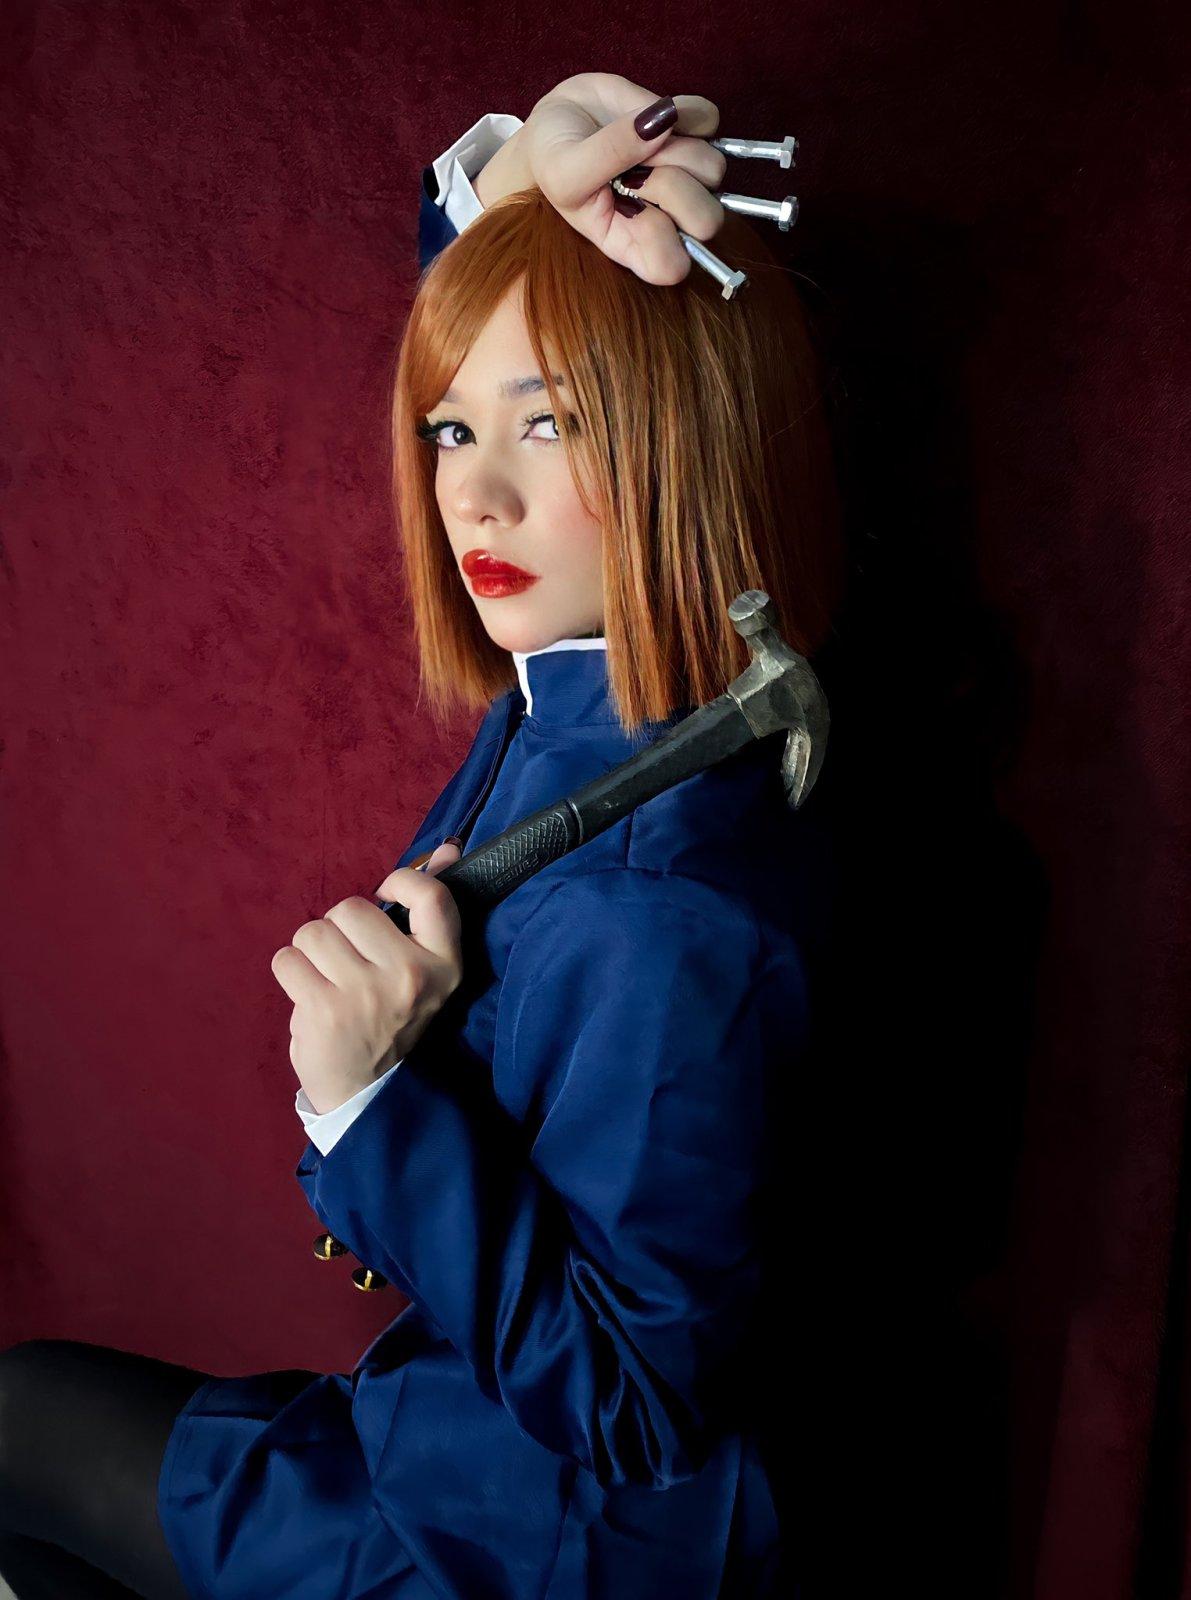 Belo cosplay da Nobara, de Jujutsu Kaisen, da cosplayer e streamer brasileira Carolina Lima. Na foto ela está segurando um martelo e pregos, e a caracterização traz ela com um vestido.